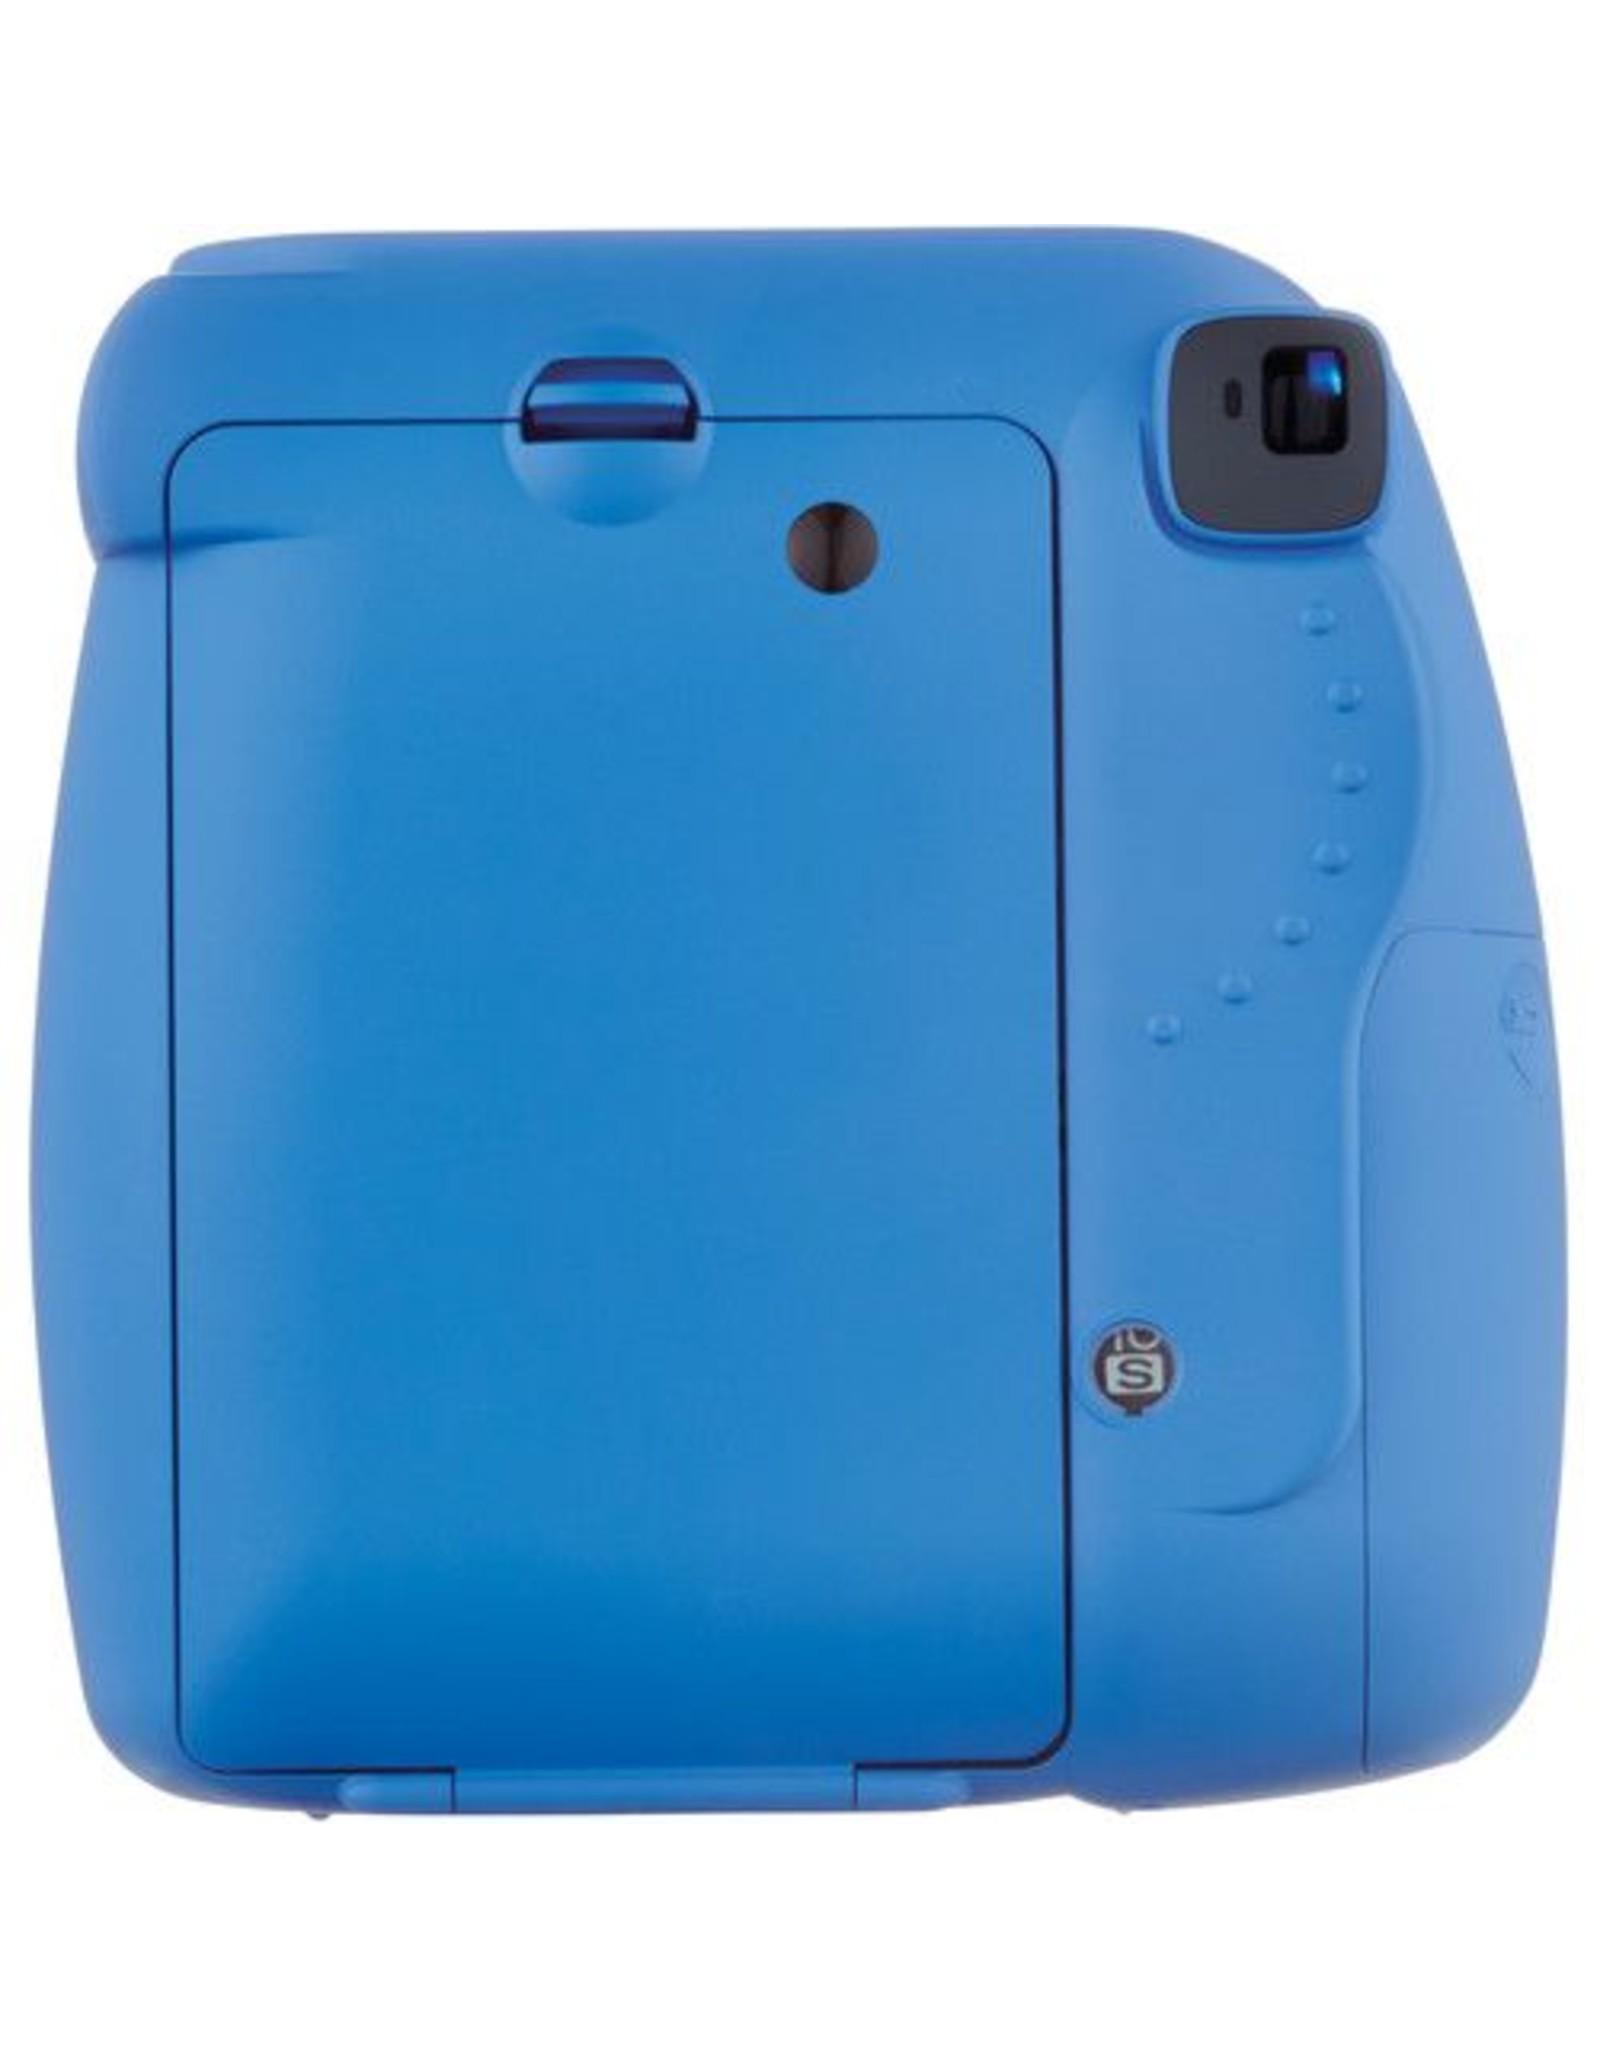 Fujifilm Fujifilm Instax Mini 9 62 x 46mm Blauw instant print camera